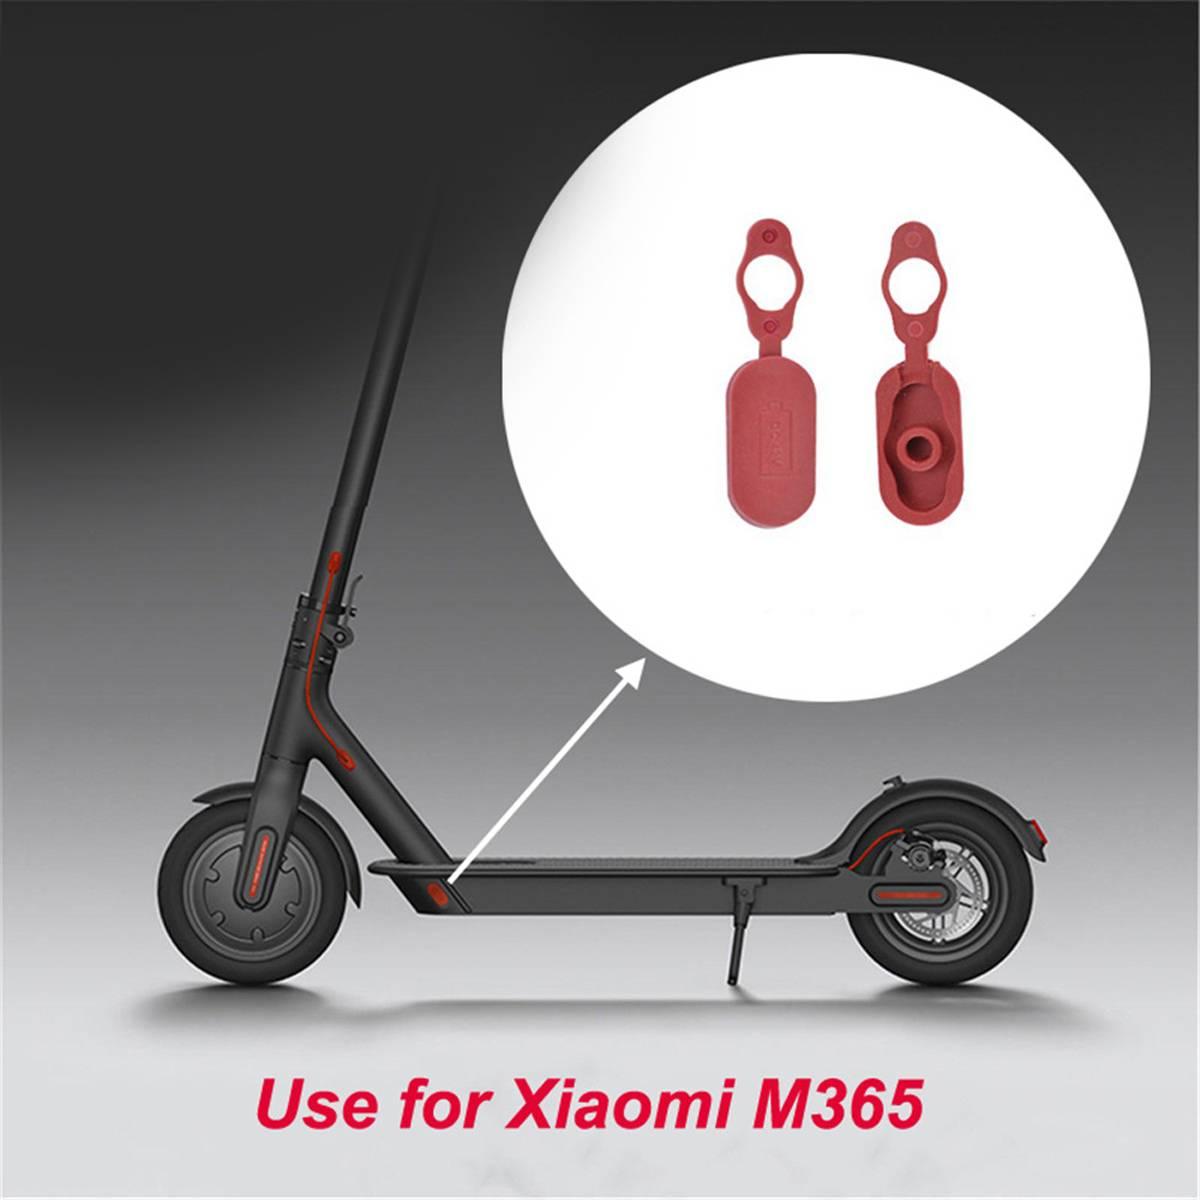 Puerto de carga, enchufe antipolvo, reparación de piezas de repuesto, 1 Uds., accesorios para patinete eléctrico Xiaomi M365, accesorios para patinete